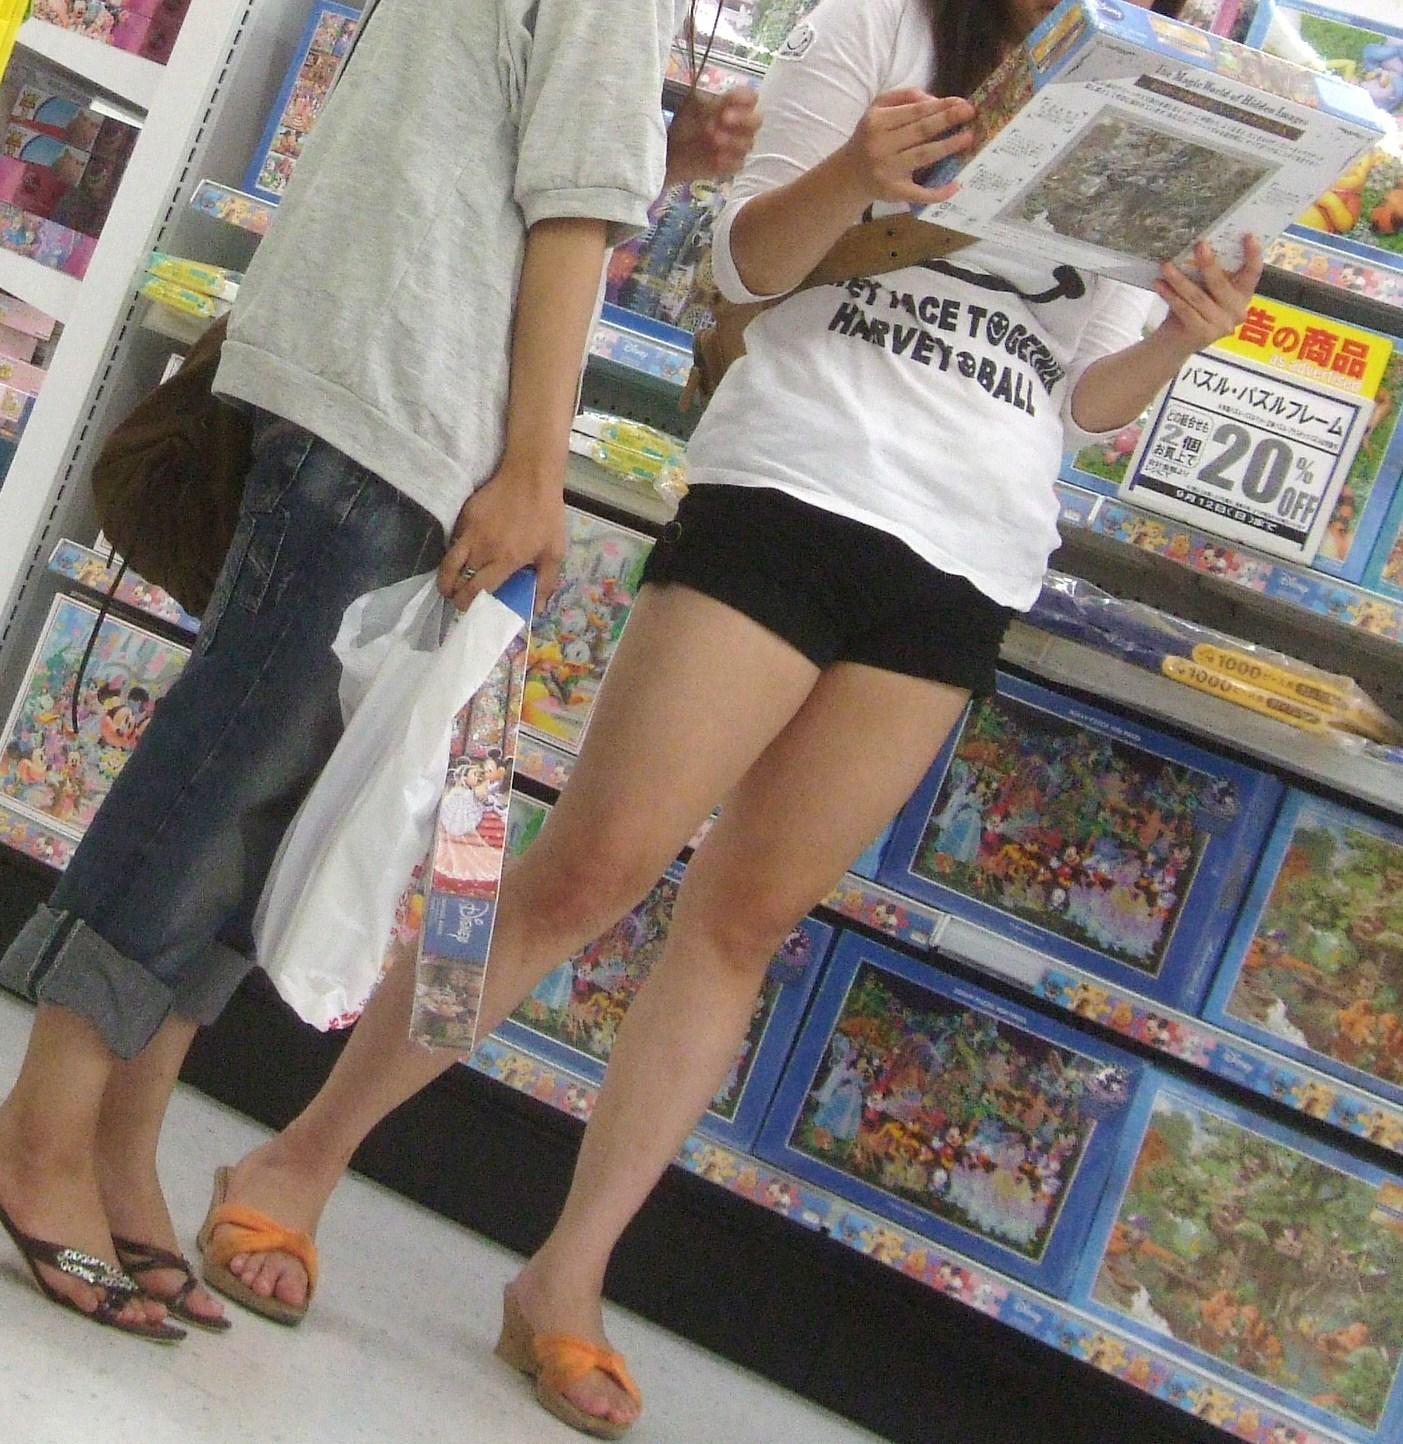 【素人美脚画像】街で見つけたお姉さん方の、見惚れてしまいそうな程長くて綺麗な脚 08